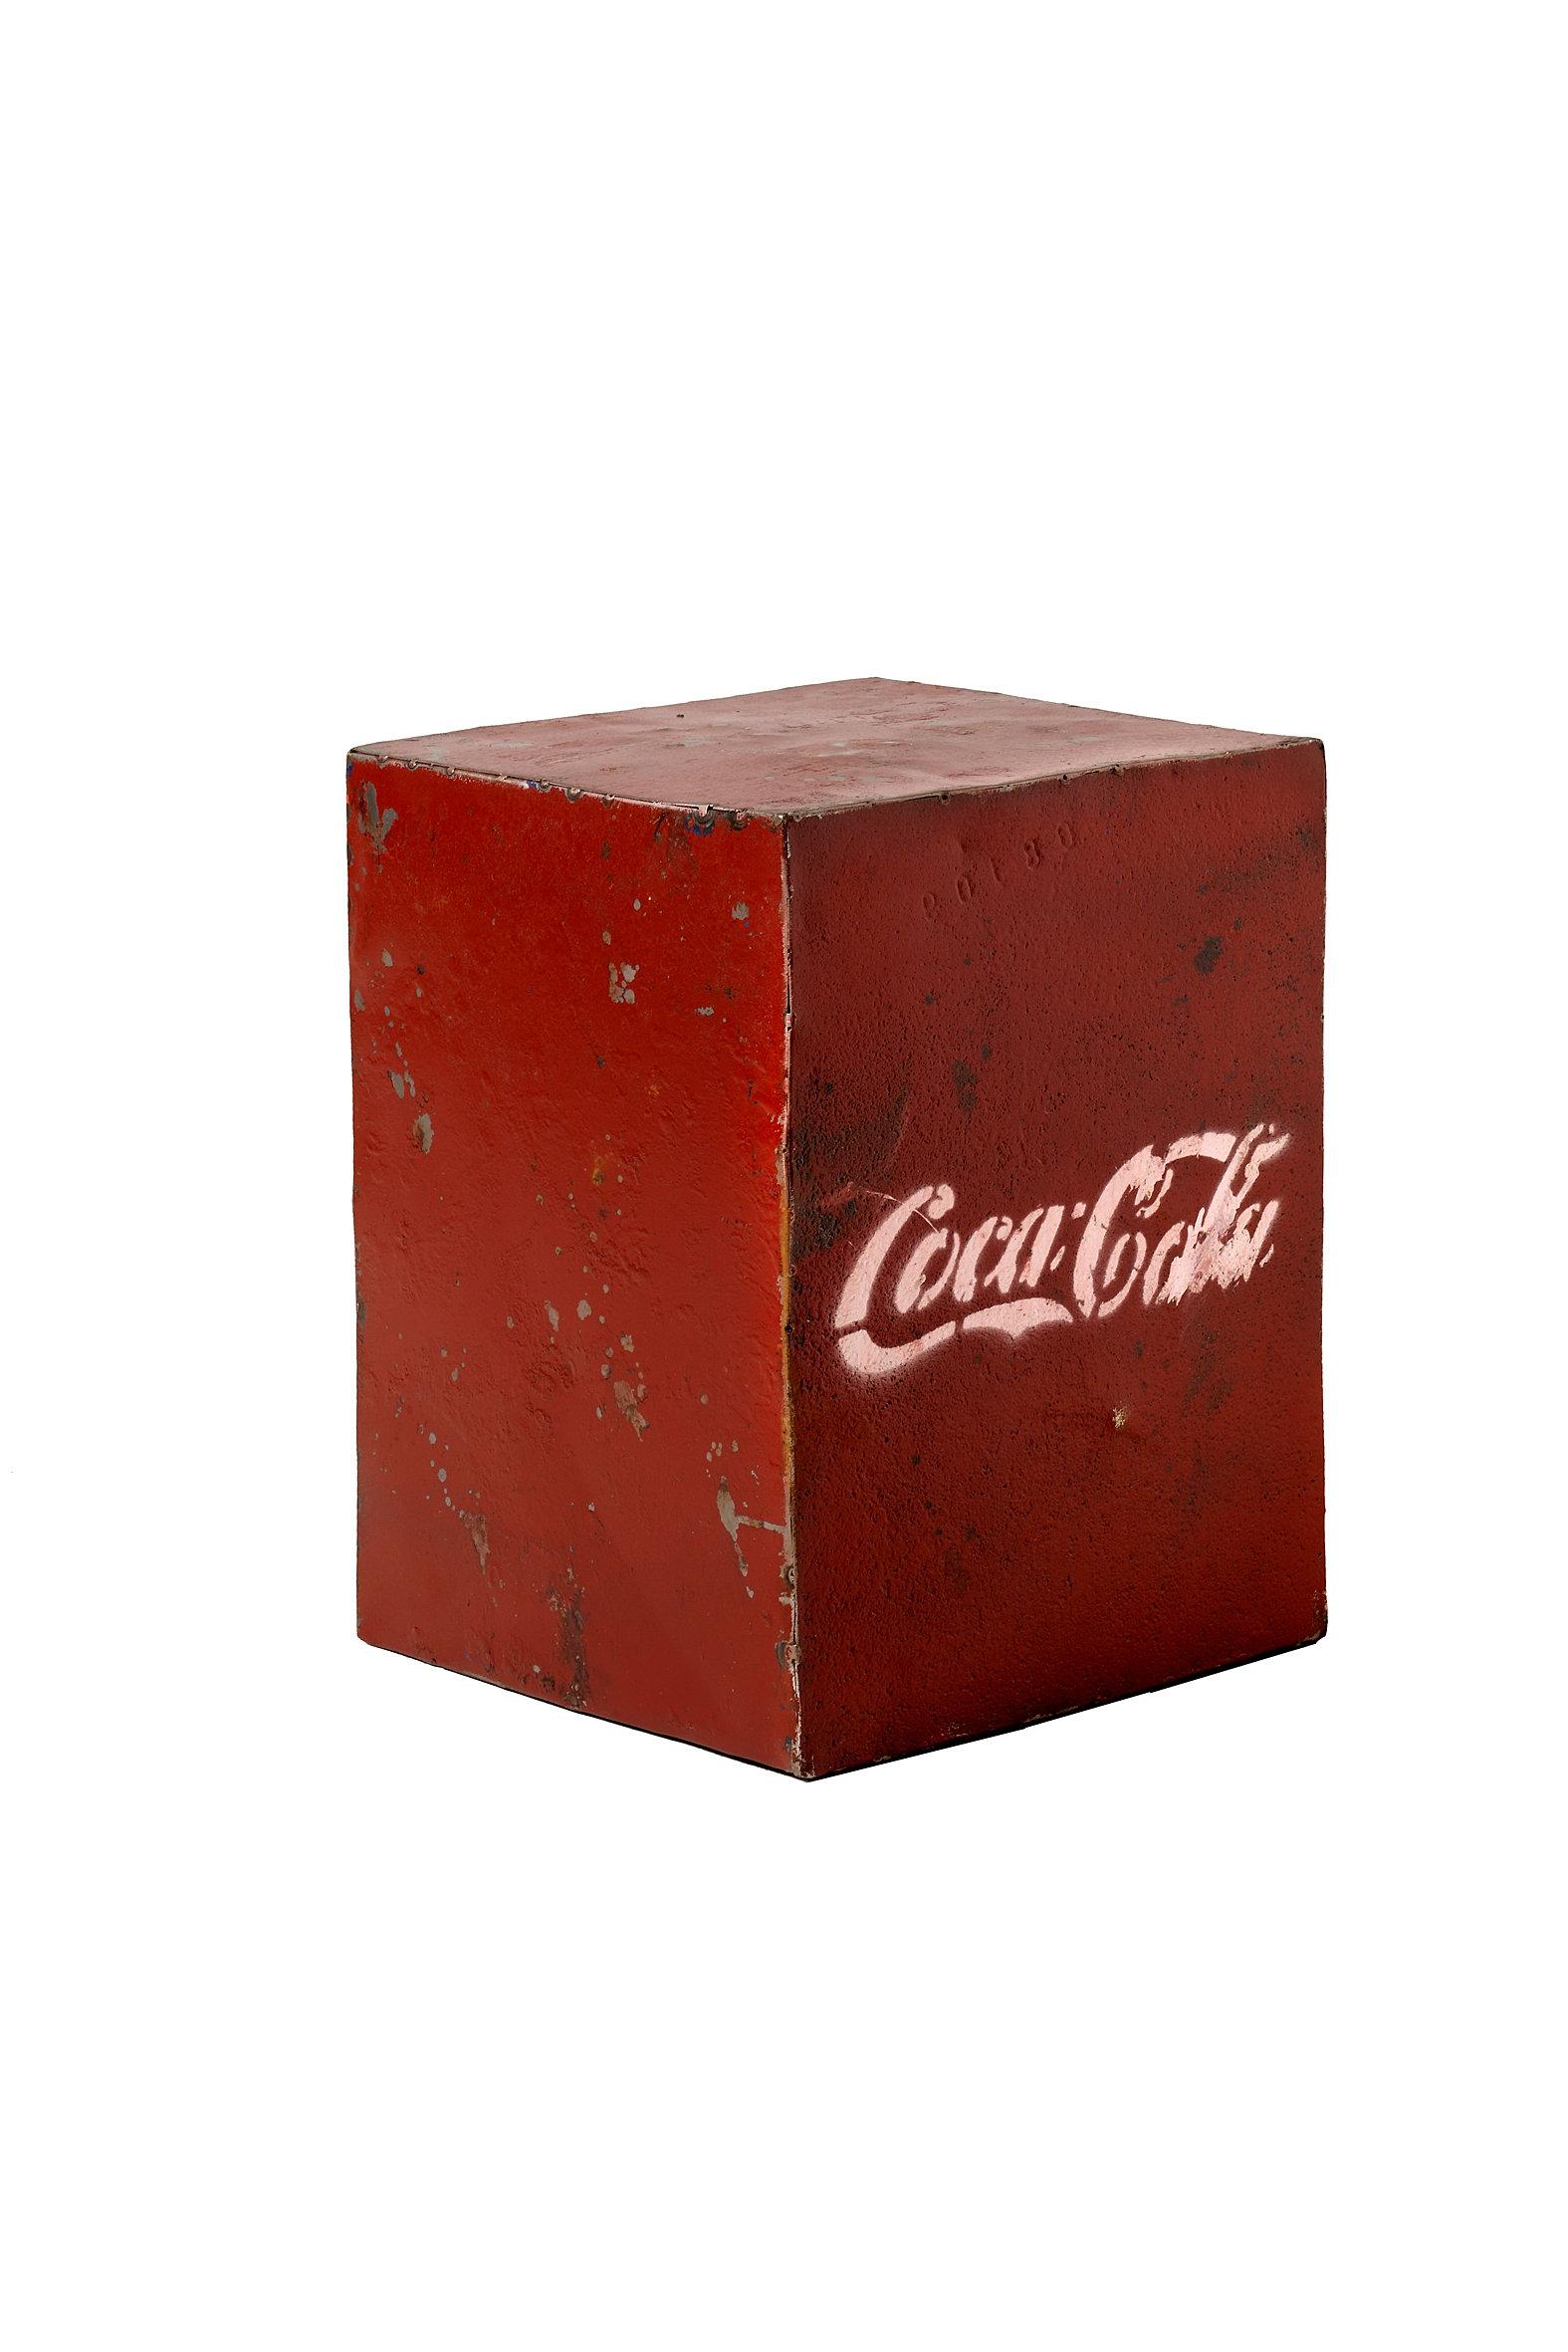 Calma chechu venta de muebles vintage industrial cubo - Chapa coca cola pared ...